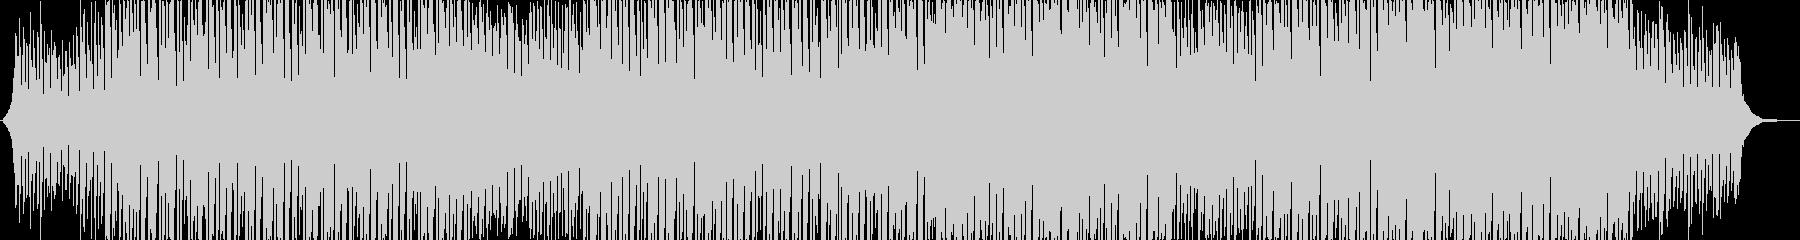 EDMスタイルのヒップホップの未再生の波形